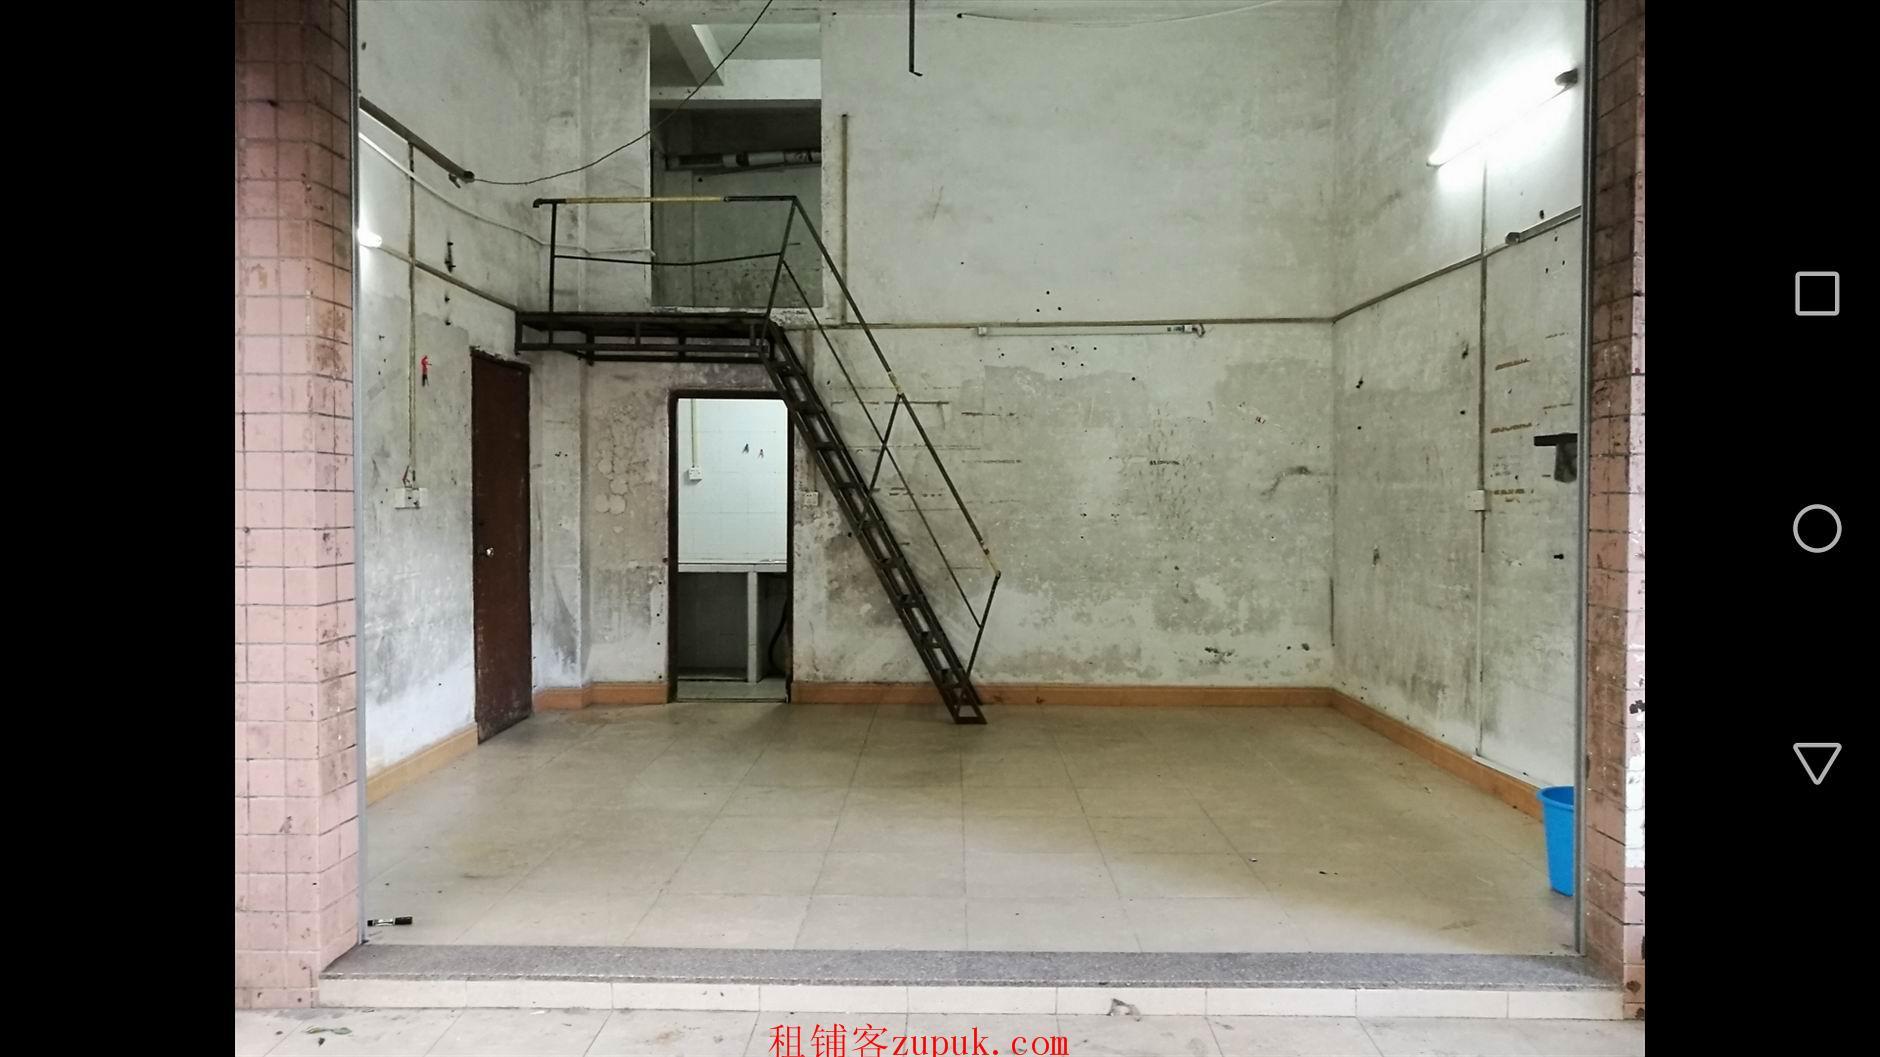 海珠区新村商铺出租